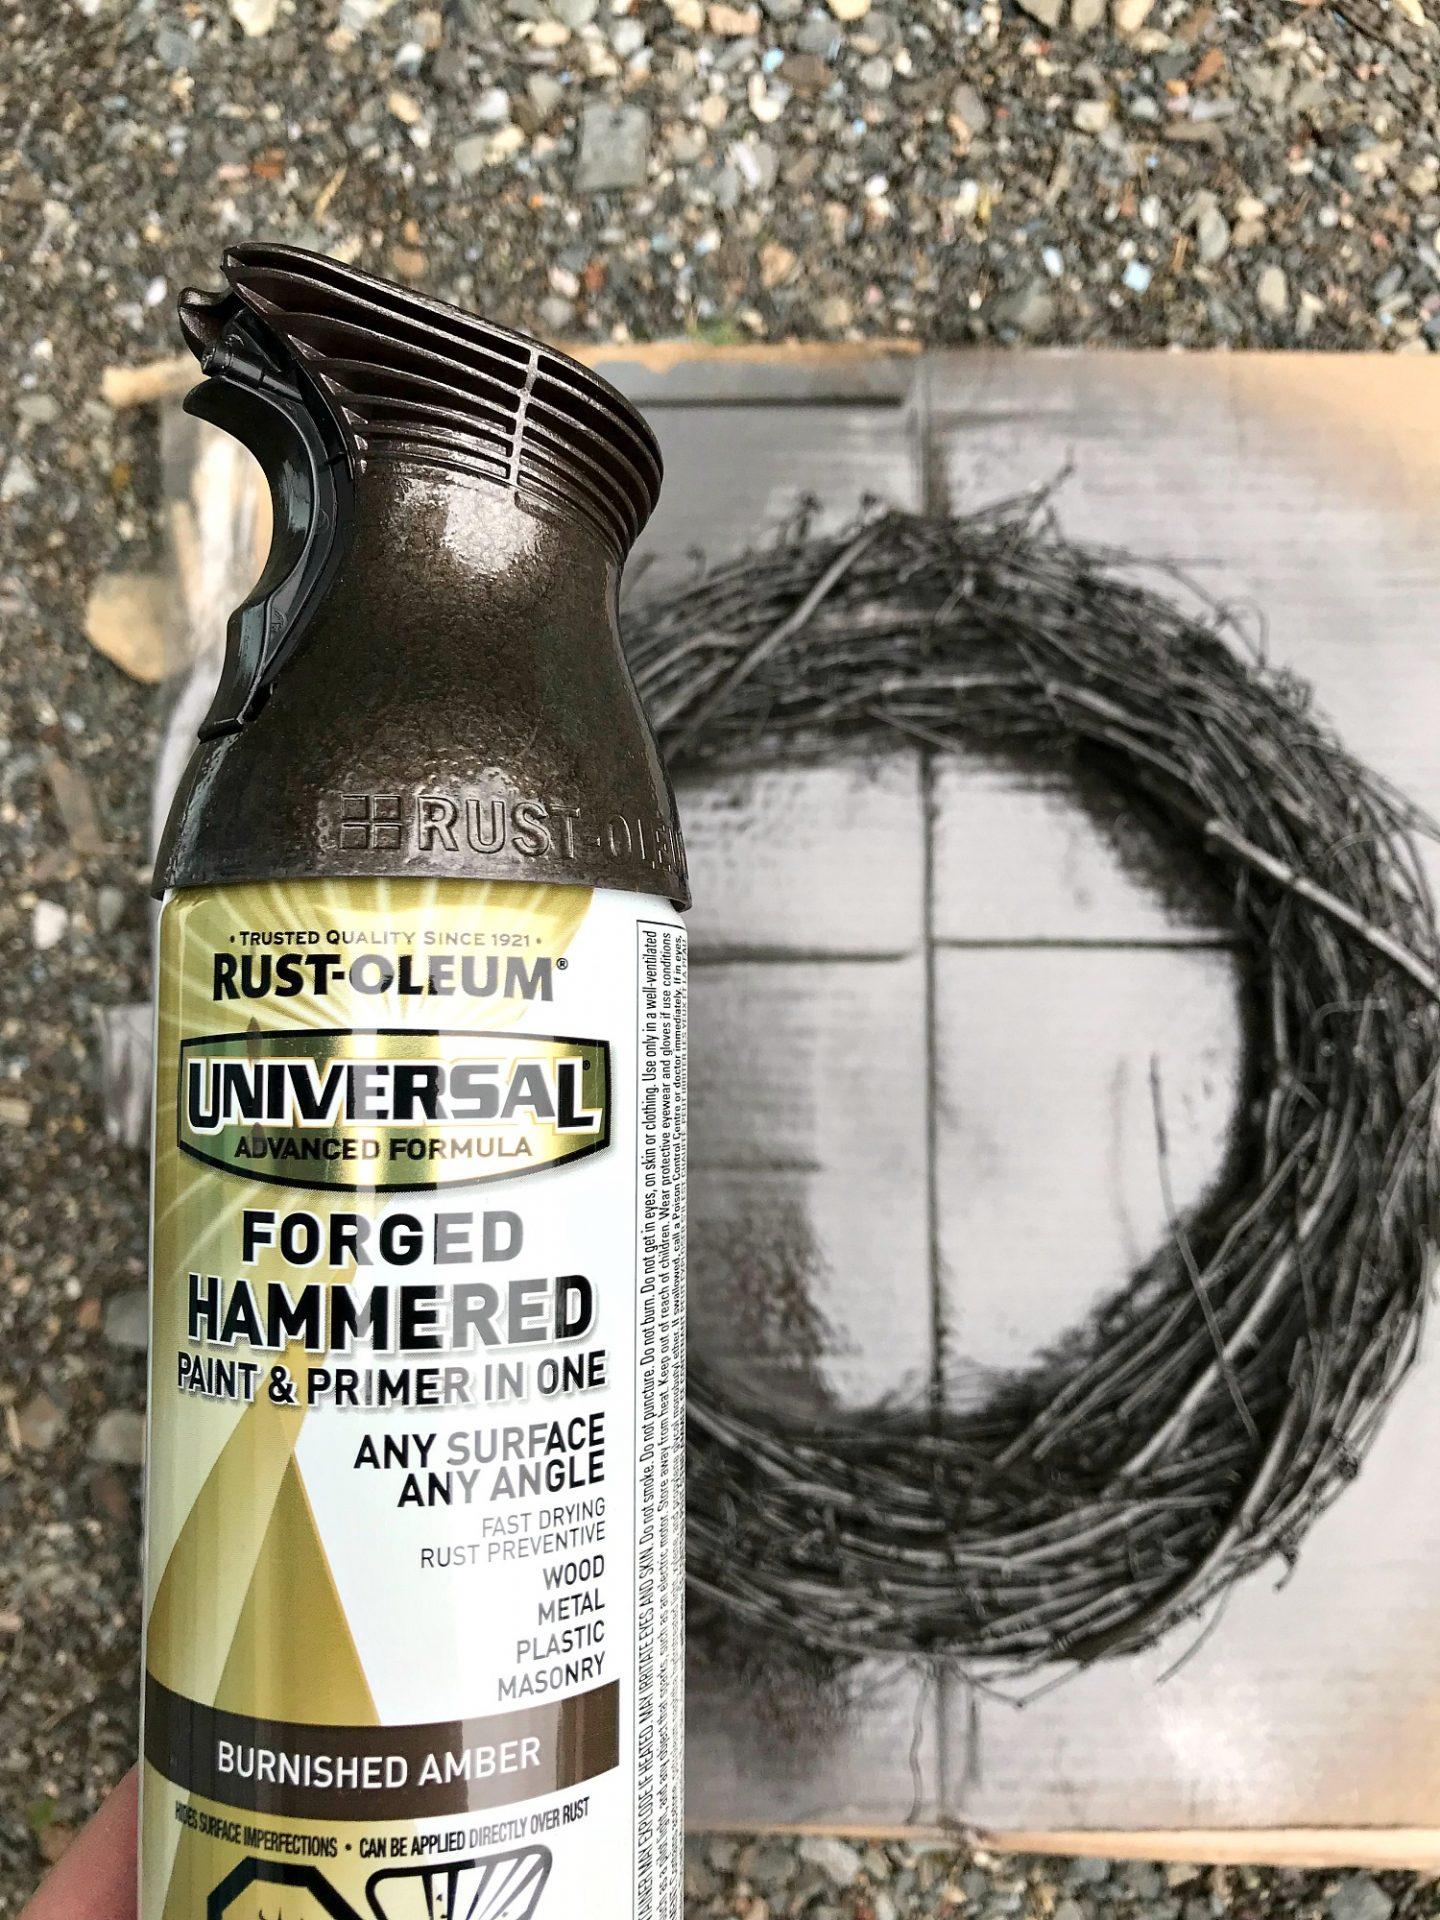 Spray Paint a Grapevine Wreath